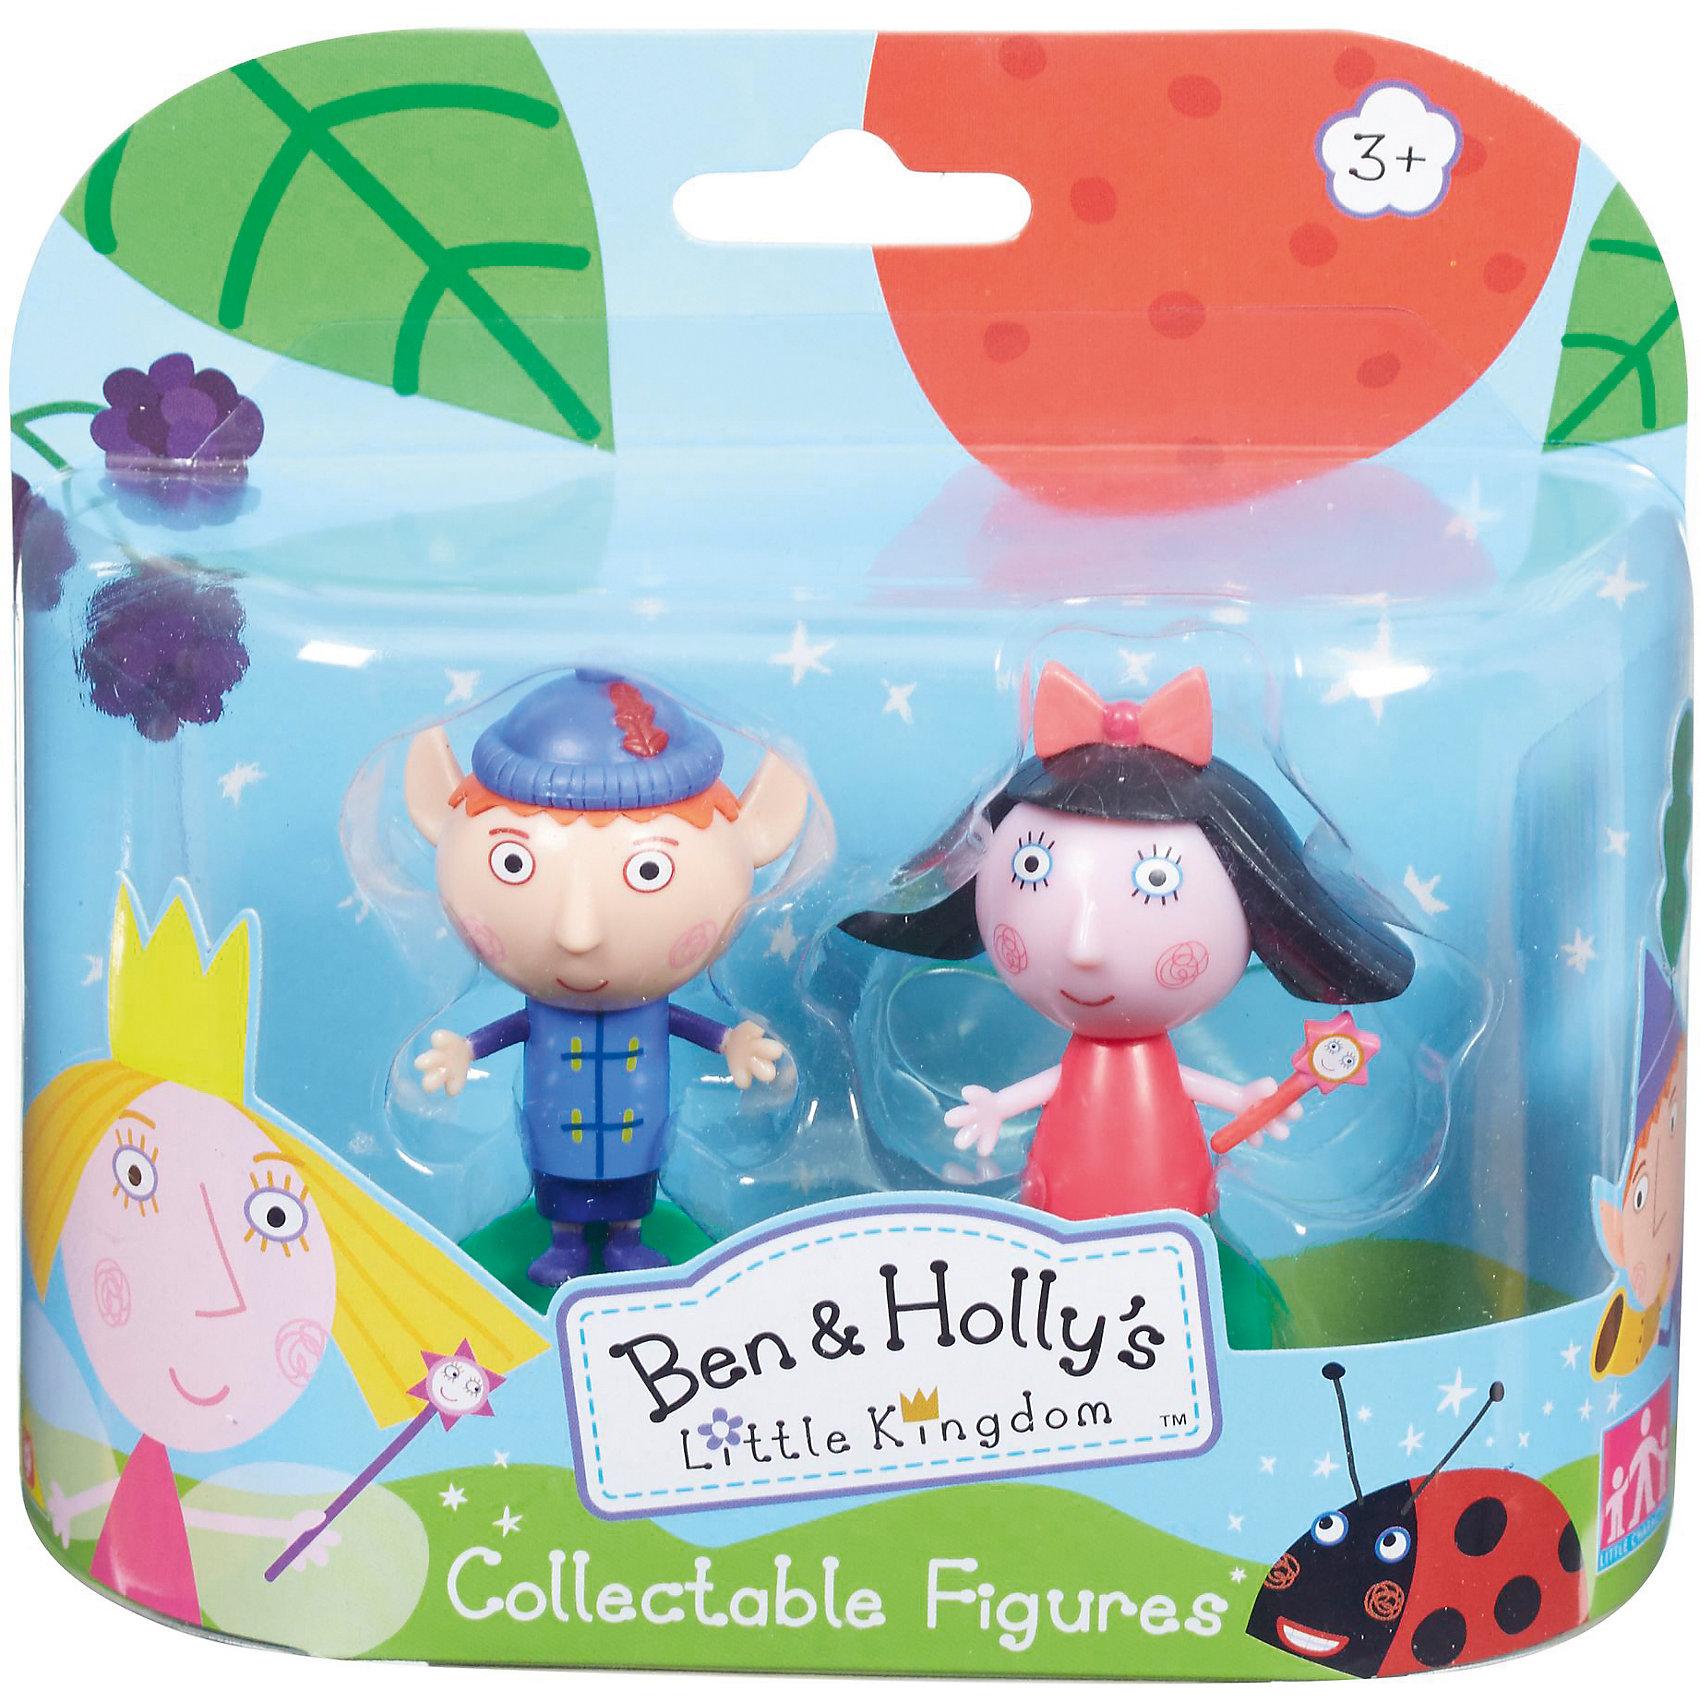 Игровой набор Бен и Флёр, Бен и ХоллиБен и Холли<br>Игровой набор Бен и Флёр приведет в восторг любителей мультика Маленькое королевство Бена и Холли. В наборе есть фигурки Бена и Флёр с подвижными деталями. Благодаря двигающимся рукам и ногам героев, с ними можно придумать множество игр, тем более, чтоб малышам нужно будет активнее задействовать пальчики и творческое мышление!<br>Набор сделан из высококачественного пластика, который безопасен для малышей. Набор яркий, очень симпатично смотрится. Он будет отличным подарком ребенку! Подобные игрушки отлично помогают развитию у детей воображения и моторики.<br><br>Дополнительная информация:<br><br>цвет: разноцветный;<br>материал: пластик;<br>комплектация: фигурки Флёр и Бена;<br>размер фигурки: 6 см;<br>размер упаковки: 14,5 х 15,5 х 5 см.<br><br>Игровой набор Бен и Флёр от бренда Бен и Холли можно приобрести в нашем интернет-магазине.<br><br>Ширина мм: 145<br>Глубина мм: 155<br>Высота мм: 50<br>Вес г: 118<br>Возраст от месяцев: 36<br>Возраст до месяцев: 2147483647<br>Пол: Унисекс<br>Возраст: Детский<br>SKU: 4970299